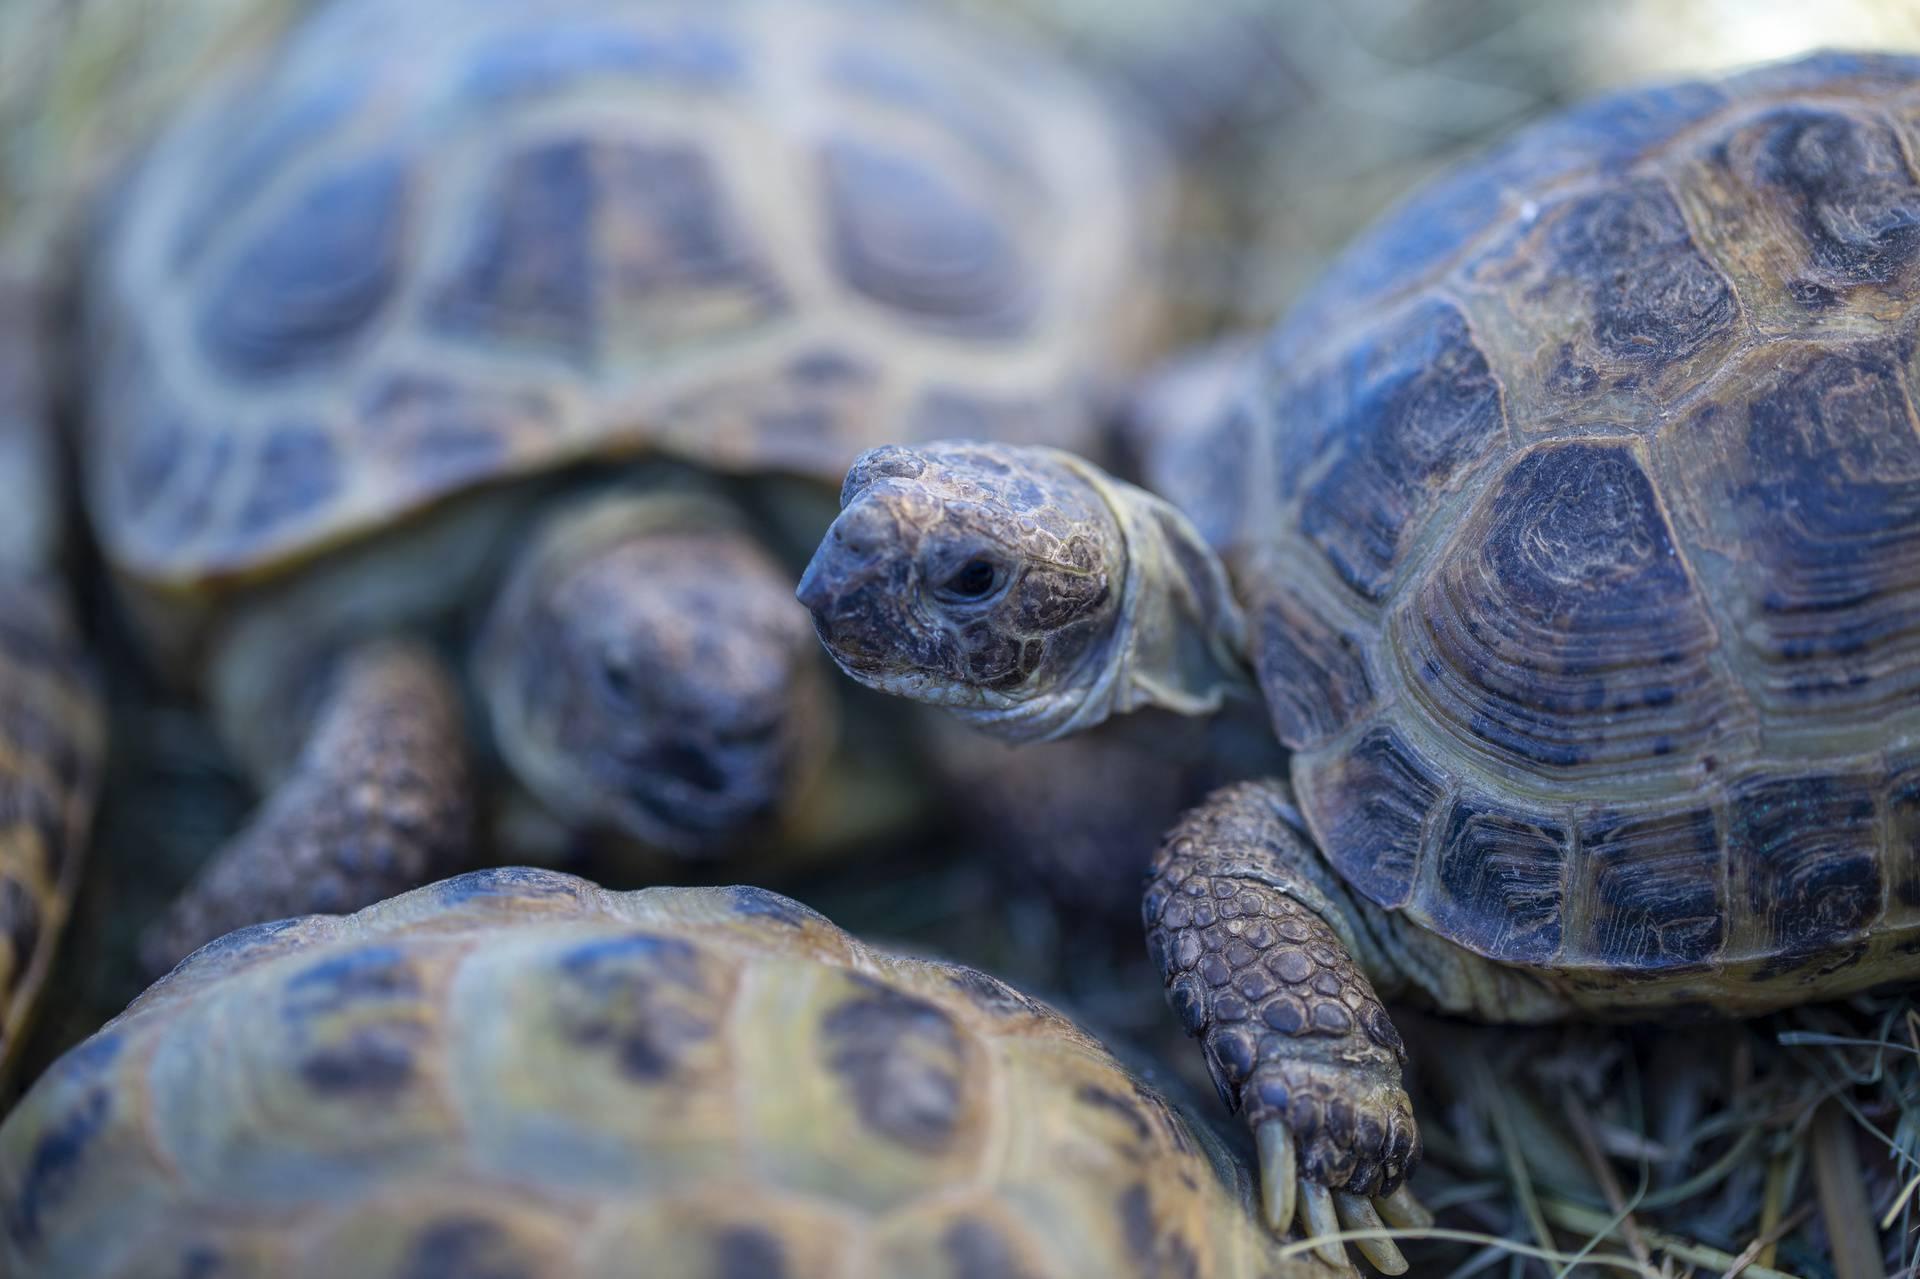 Bebe kornjače pojavile su se na Galapagosu nakon 100 godina